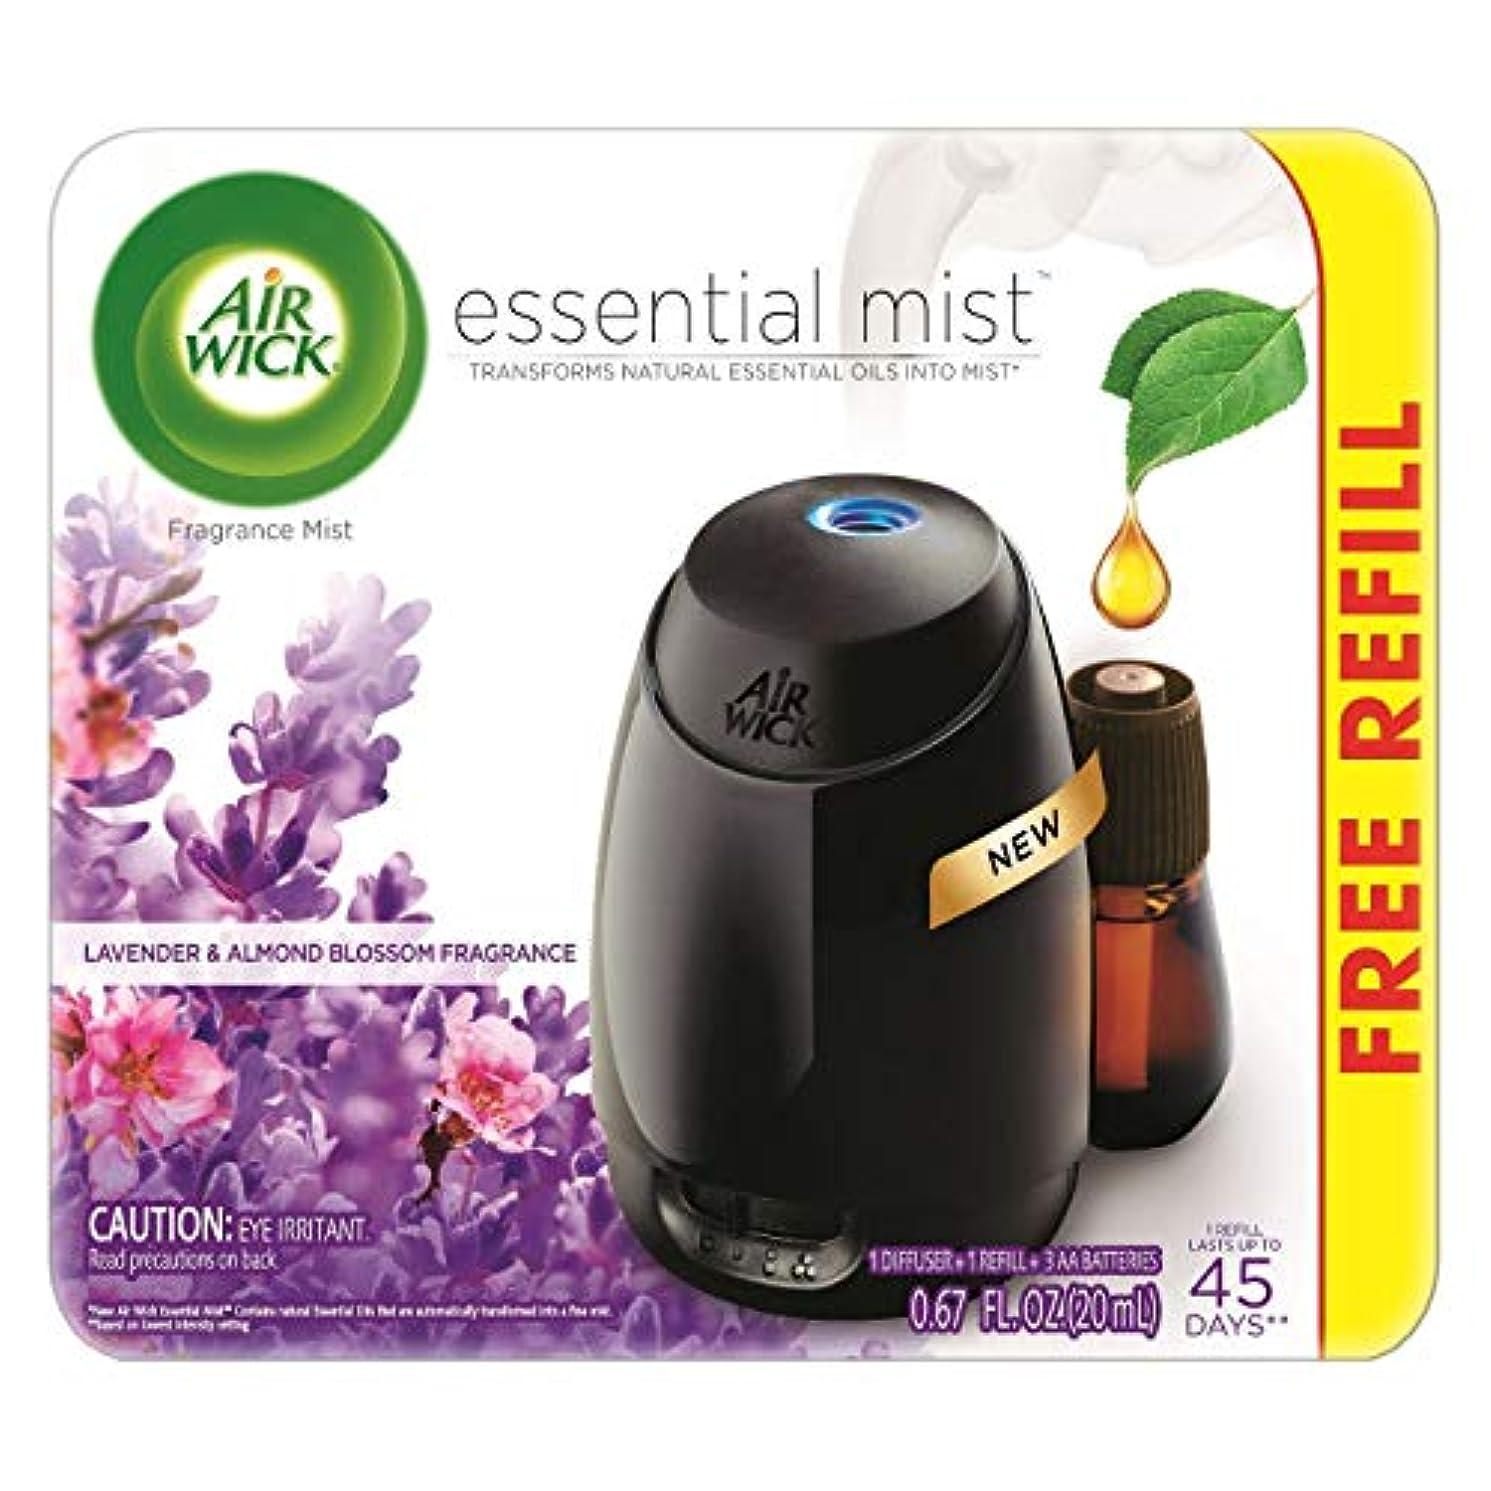 ソフィースペクトラム相互Air Wick Fresh Lavender & Almond Blossom Fragrance Essential エアーウィックフレッシュフレグランスエッセンシャルミスト本体+ ラベンダー&アーモンドブロッサム 芳香剤 20ml 、1パック [並行輸入品]